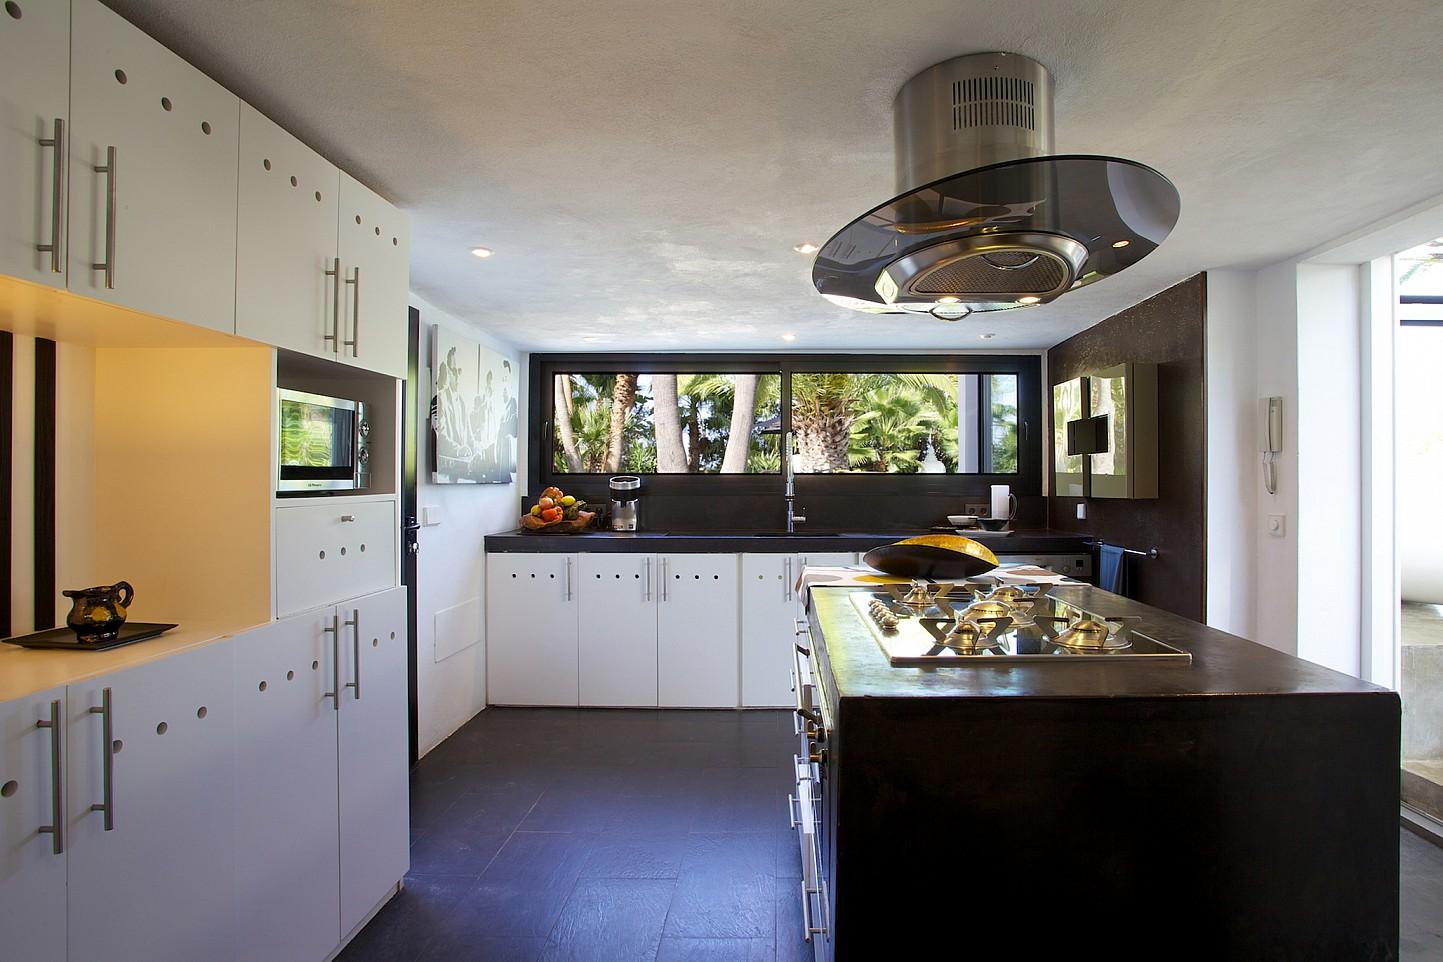 Современная кухня виллы в стиле минимализм на Ибице